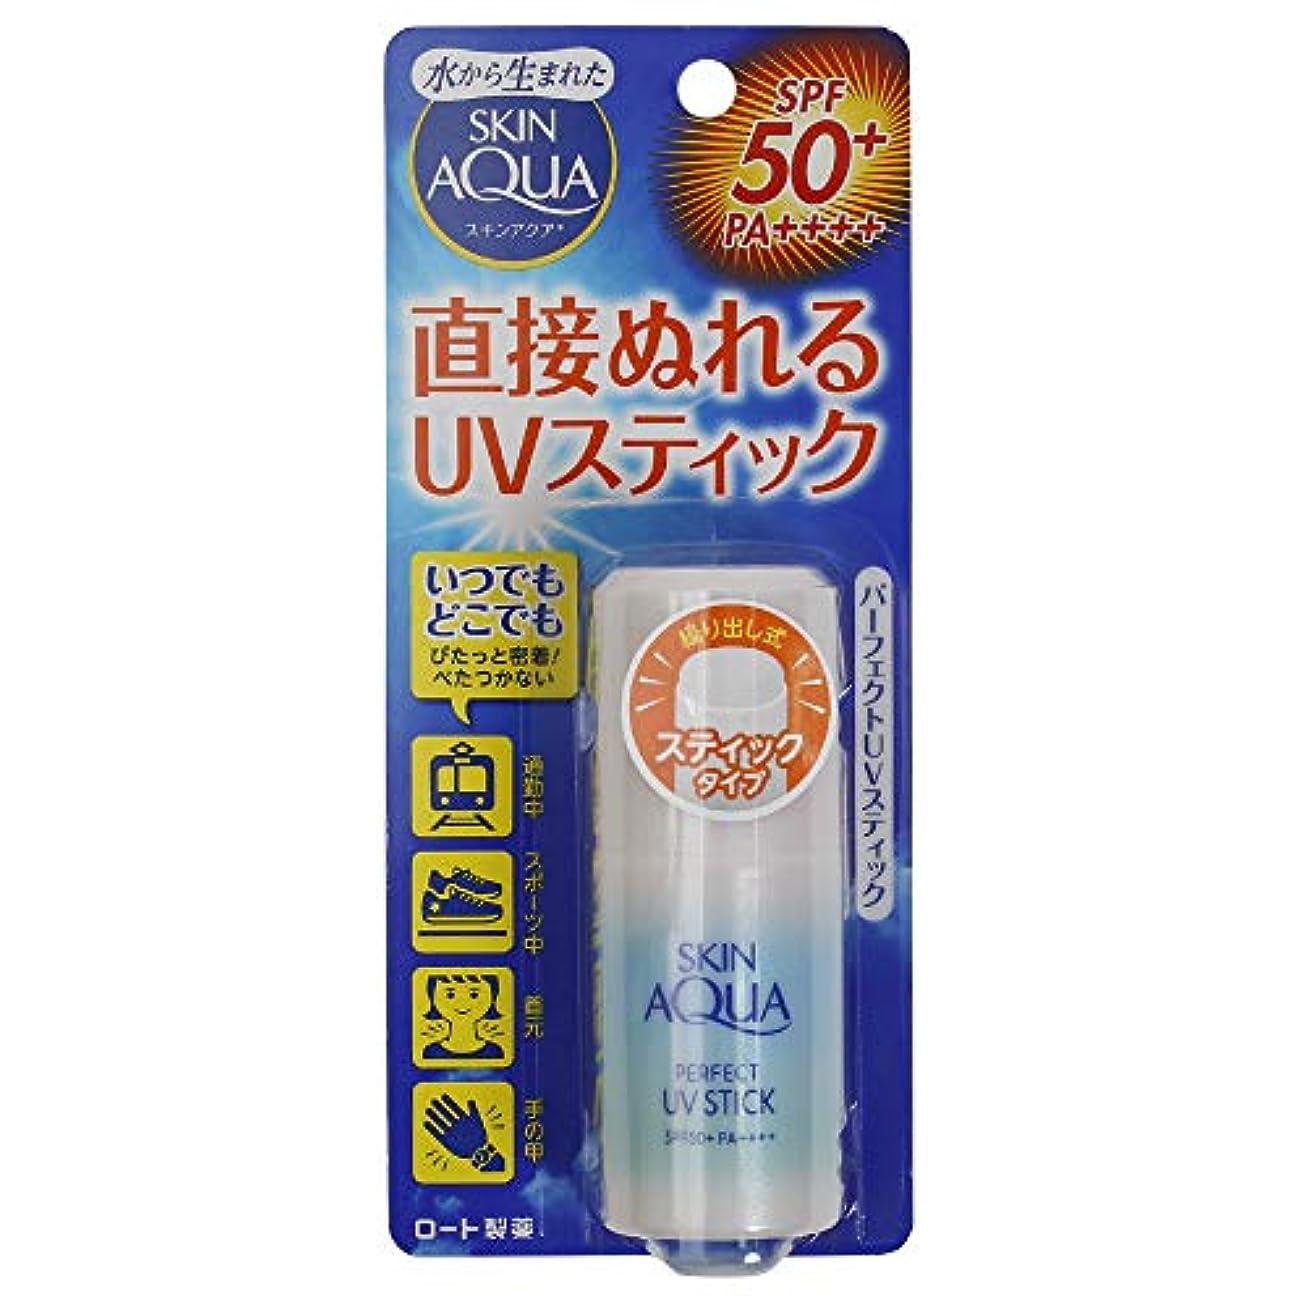 (ロート製薬)スキンアクア パーフェクトUVスティック 10g(お買い得3個セット)